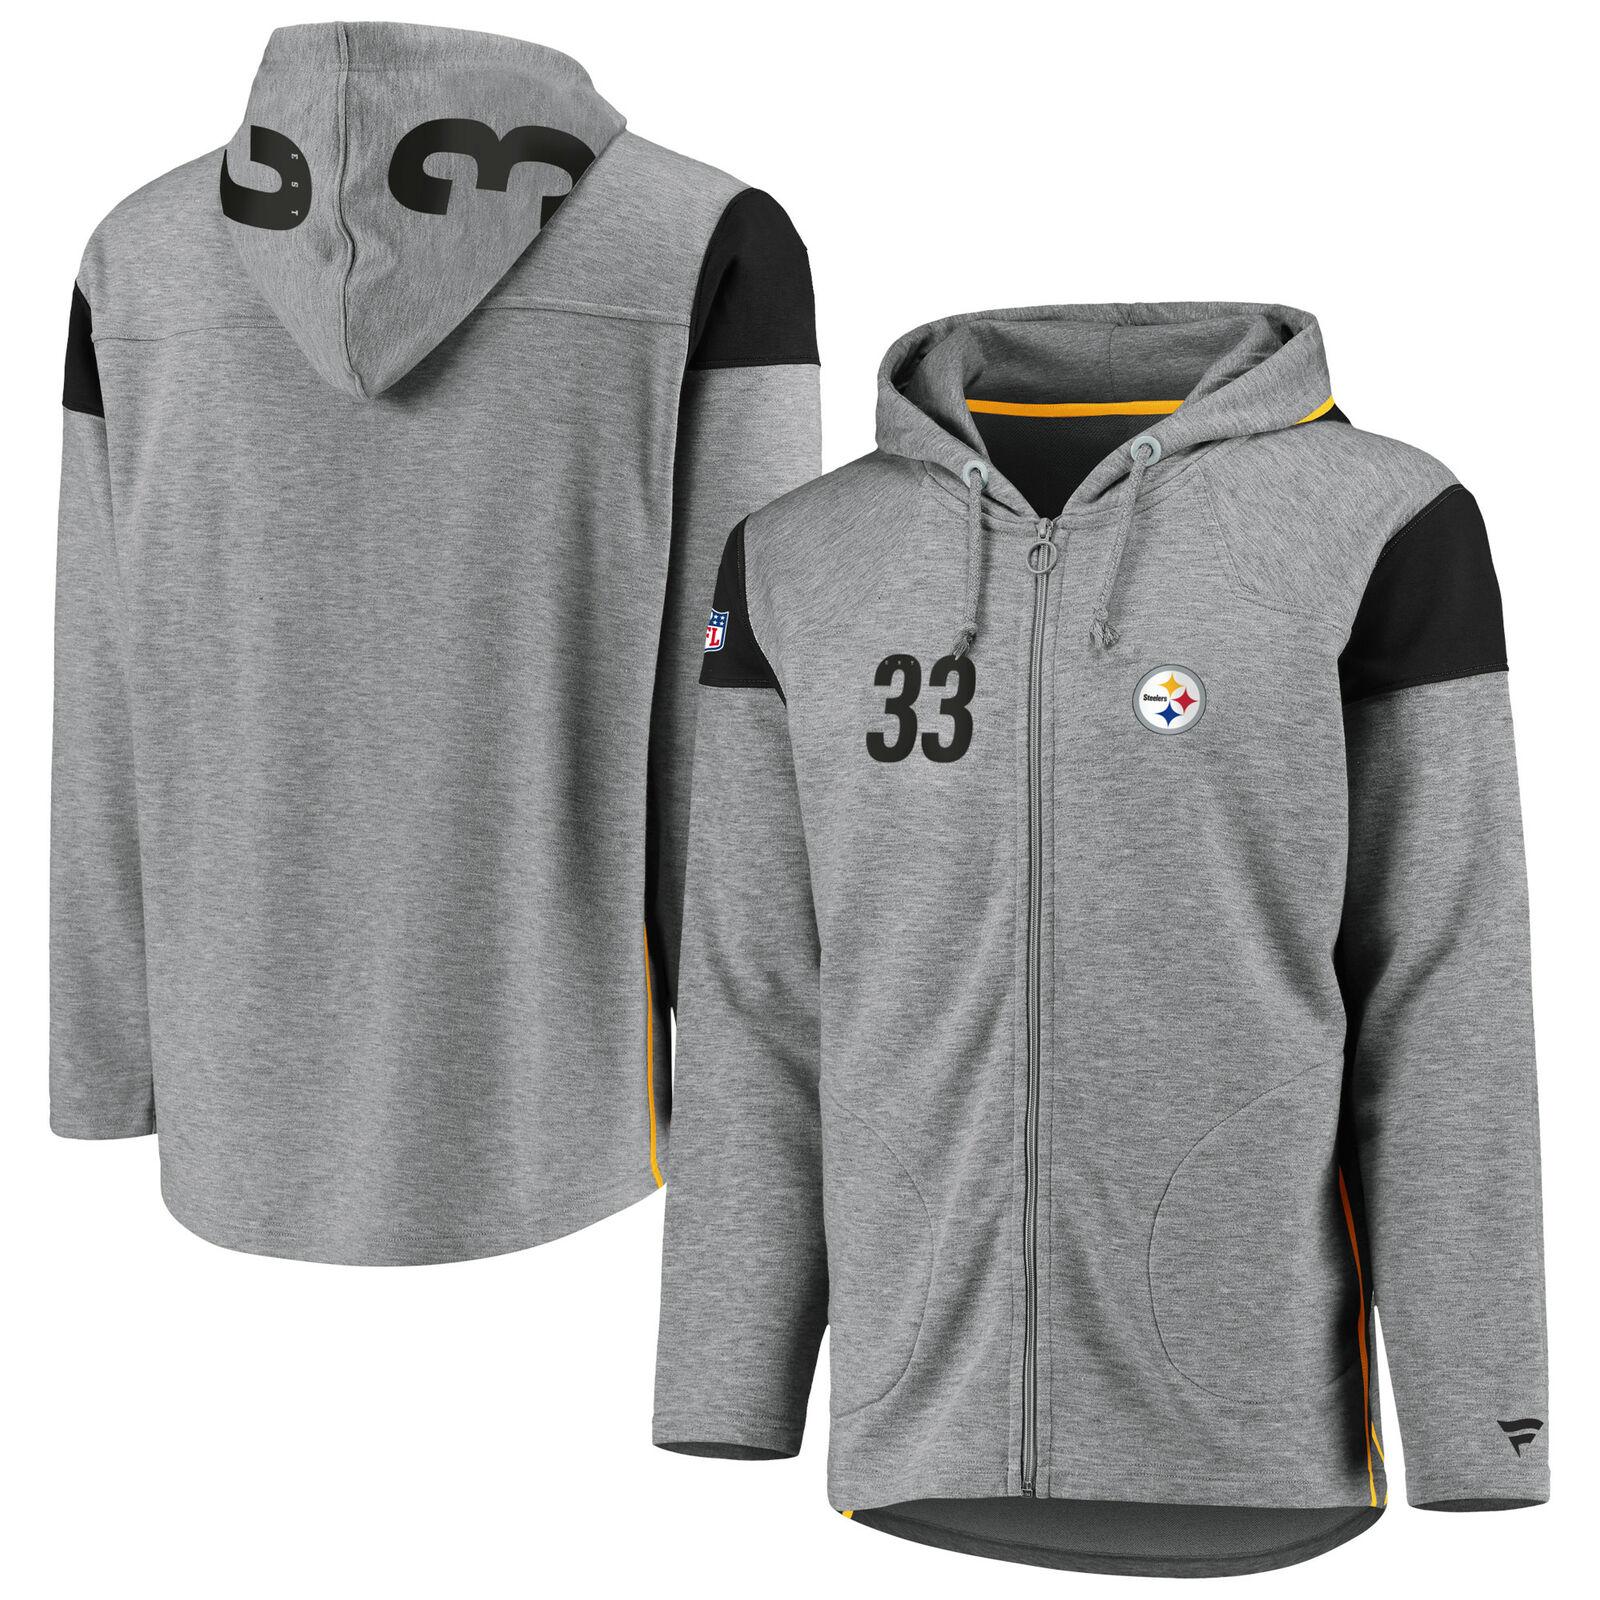 Pittsburgh Steelers Franchise Full Zip Sport Sweater Hoodie Hoody - Mens